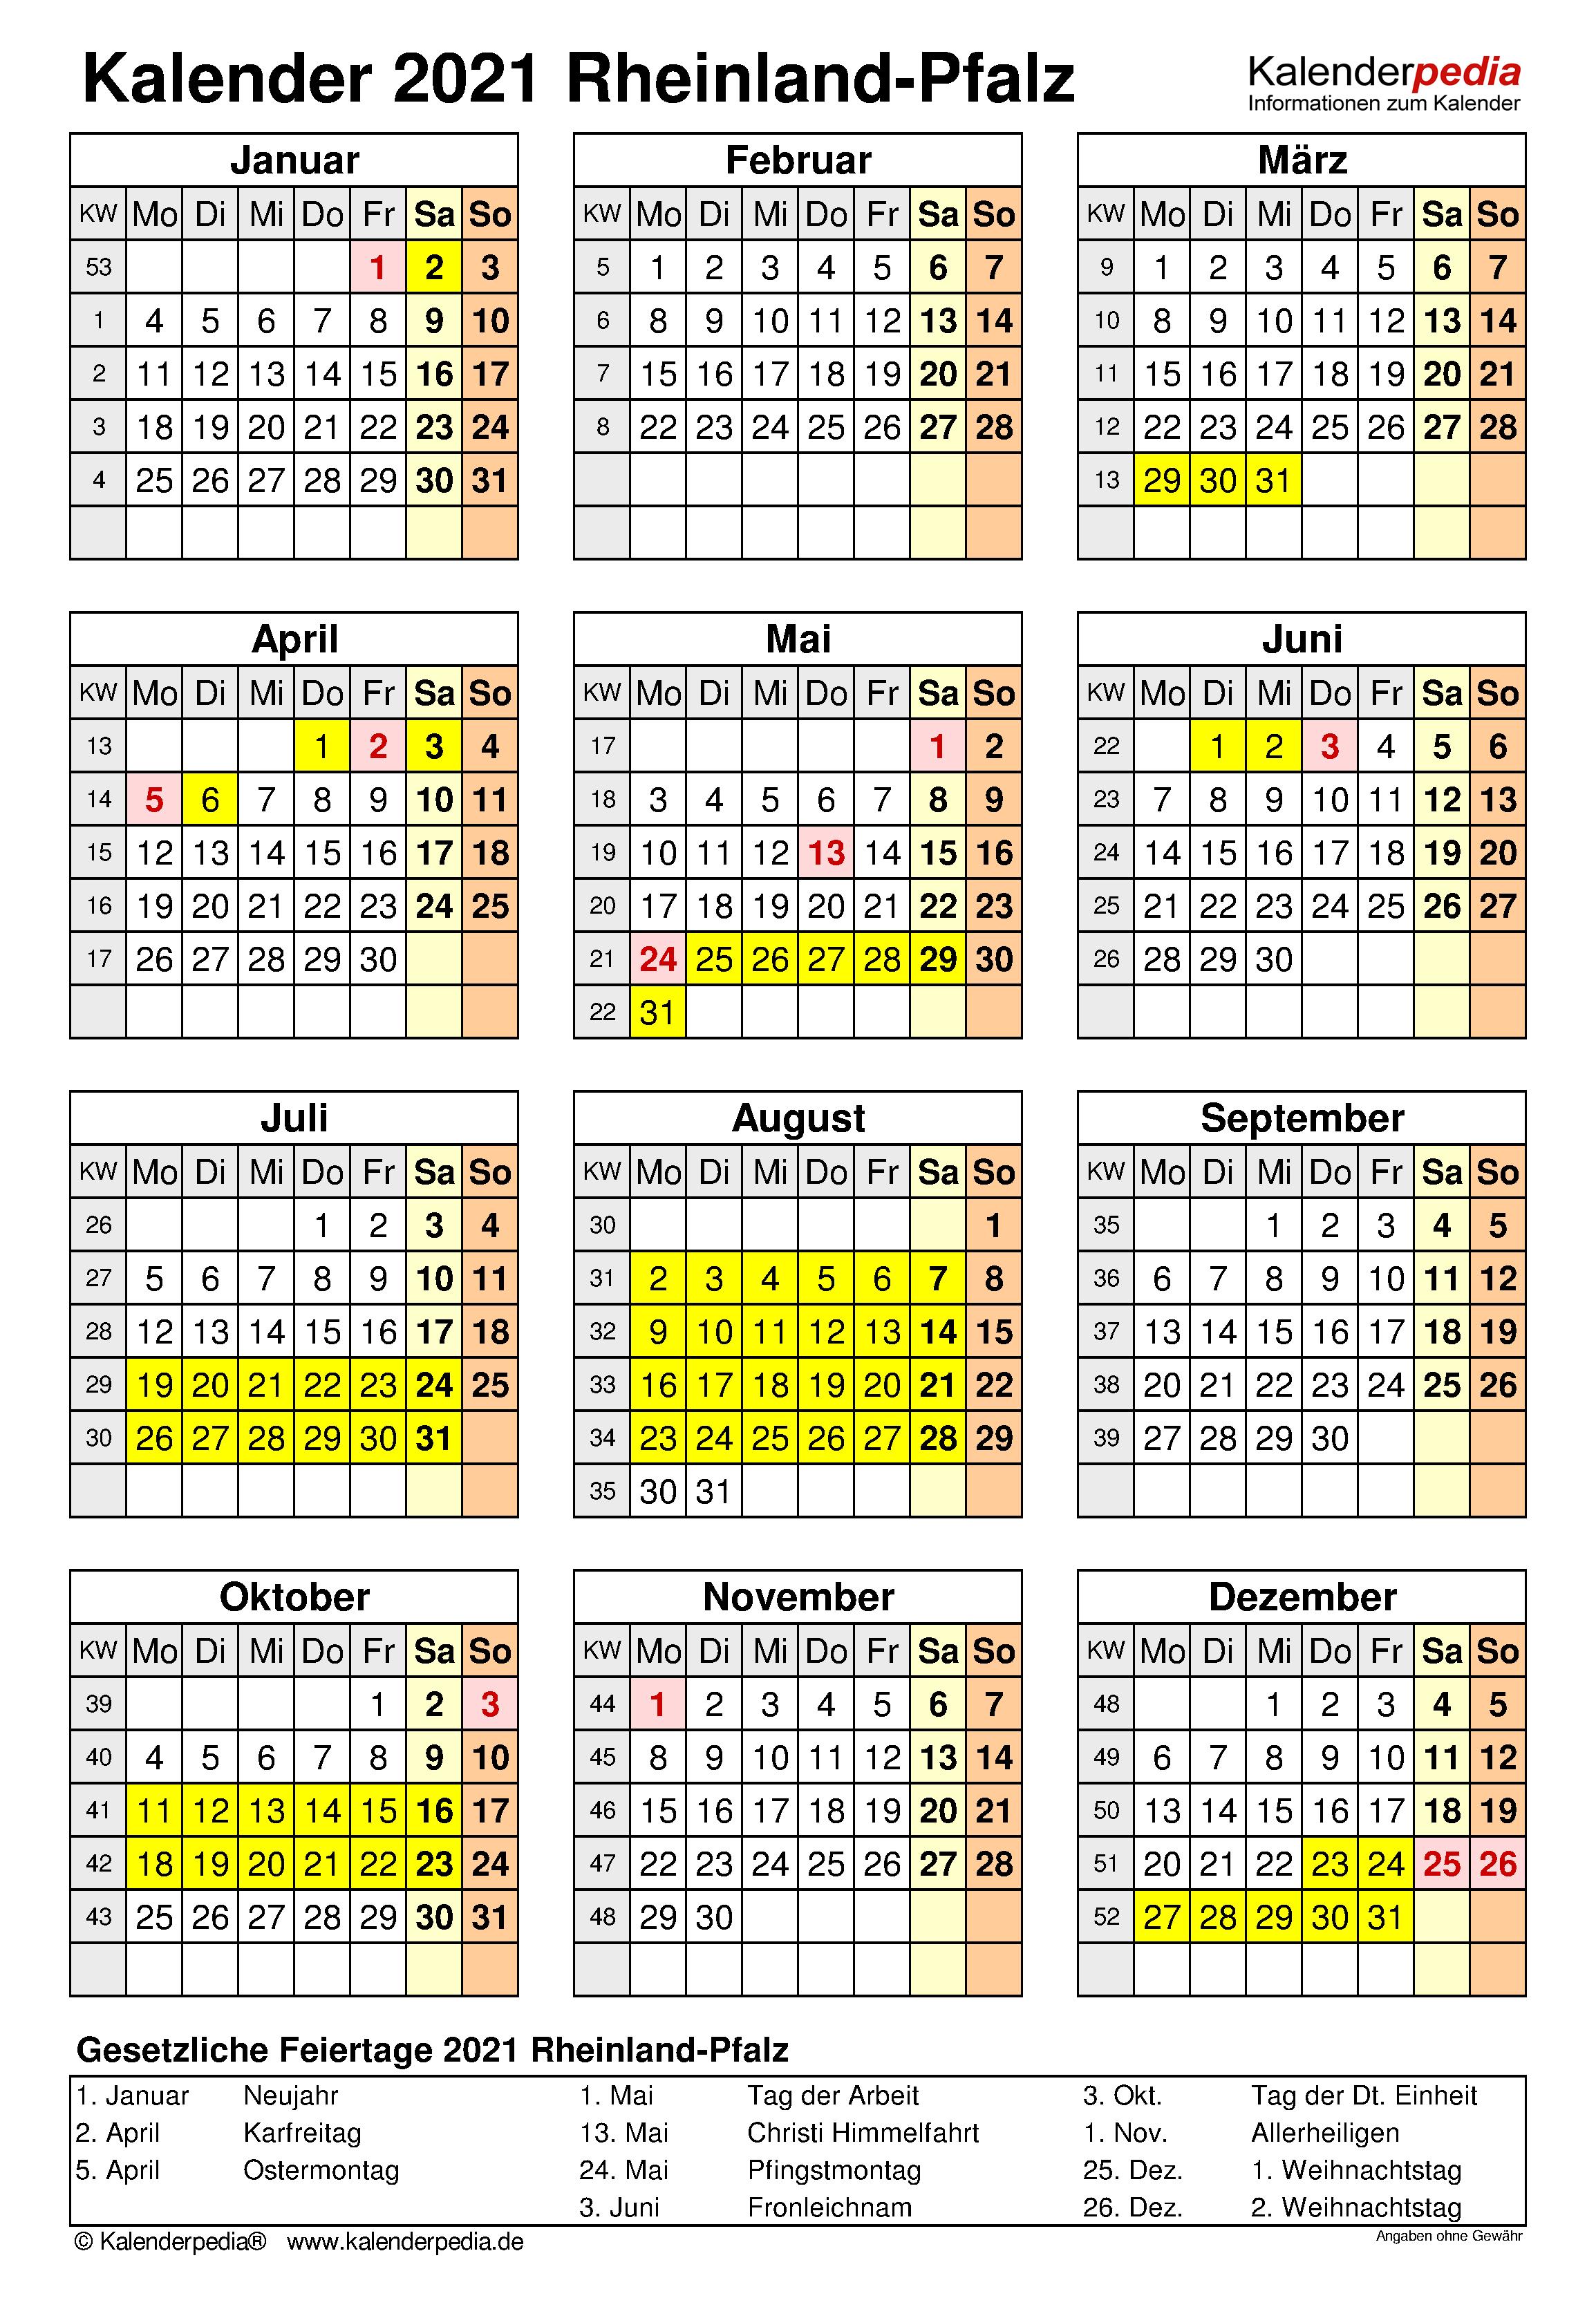 Kalender 2021 Rheinland-Pfalz: Ferien, Feiertage, Excel ...